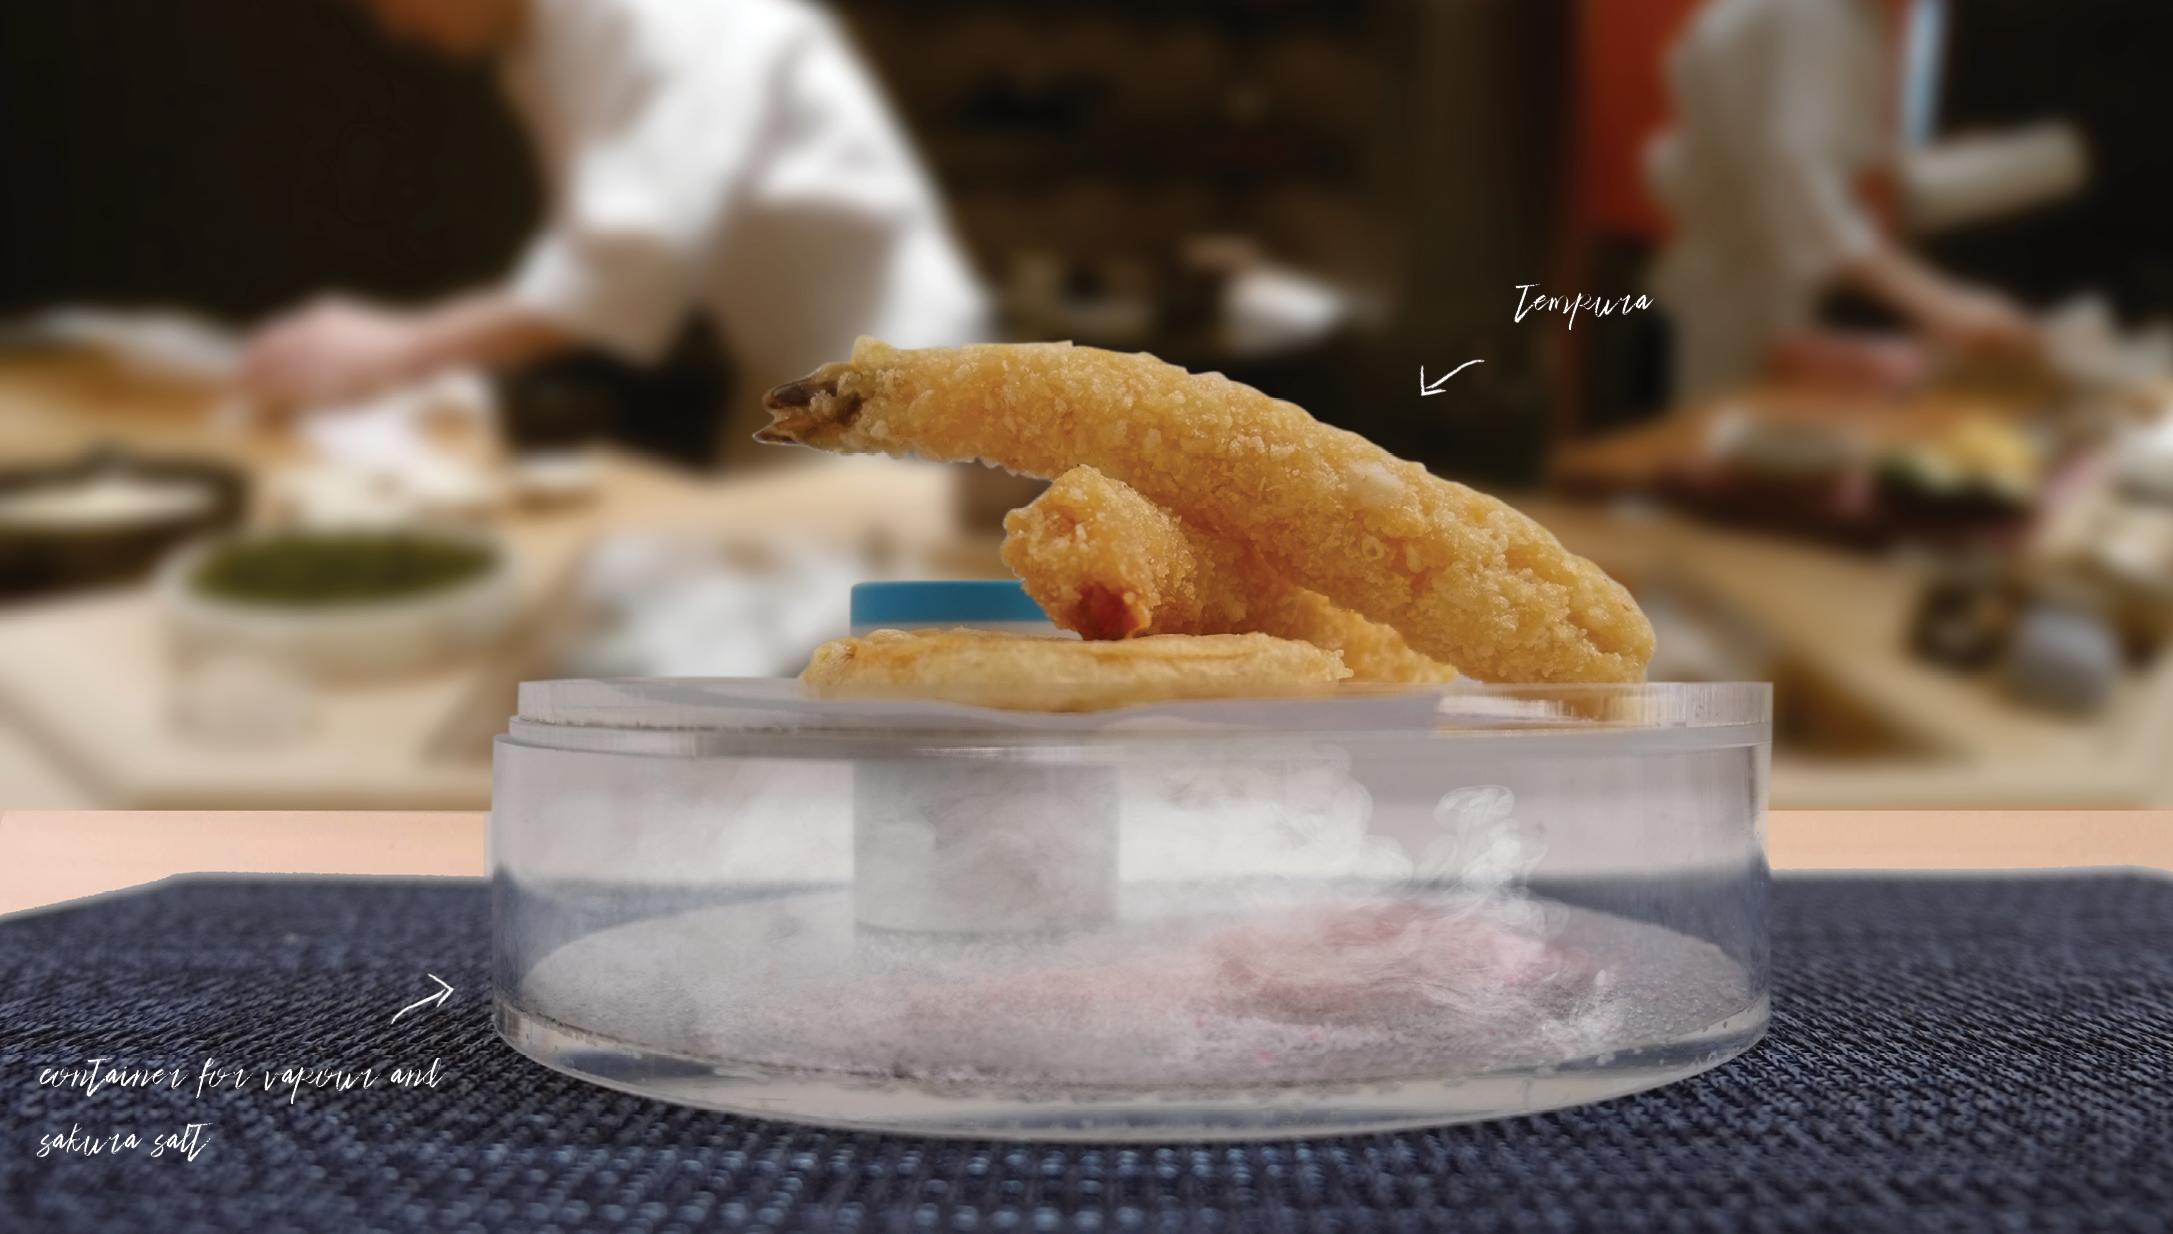 tempura closed.jpg